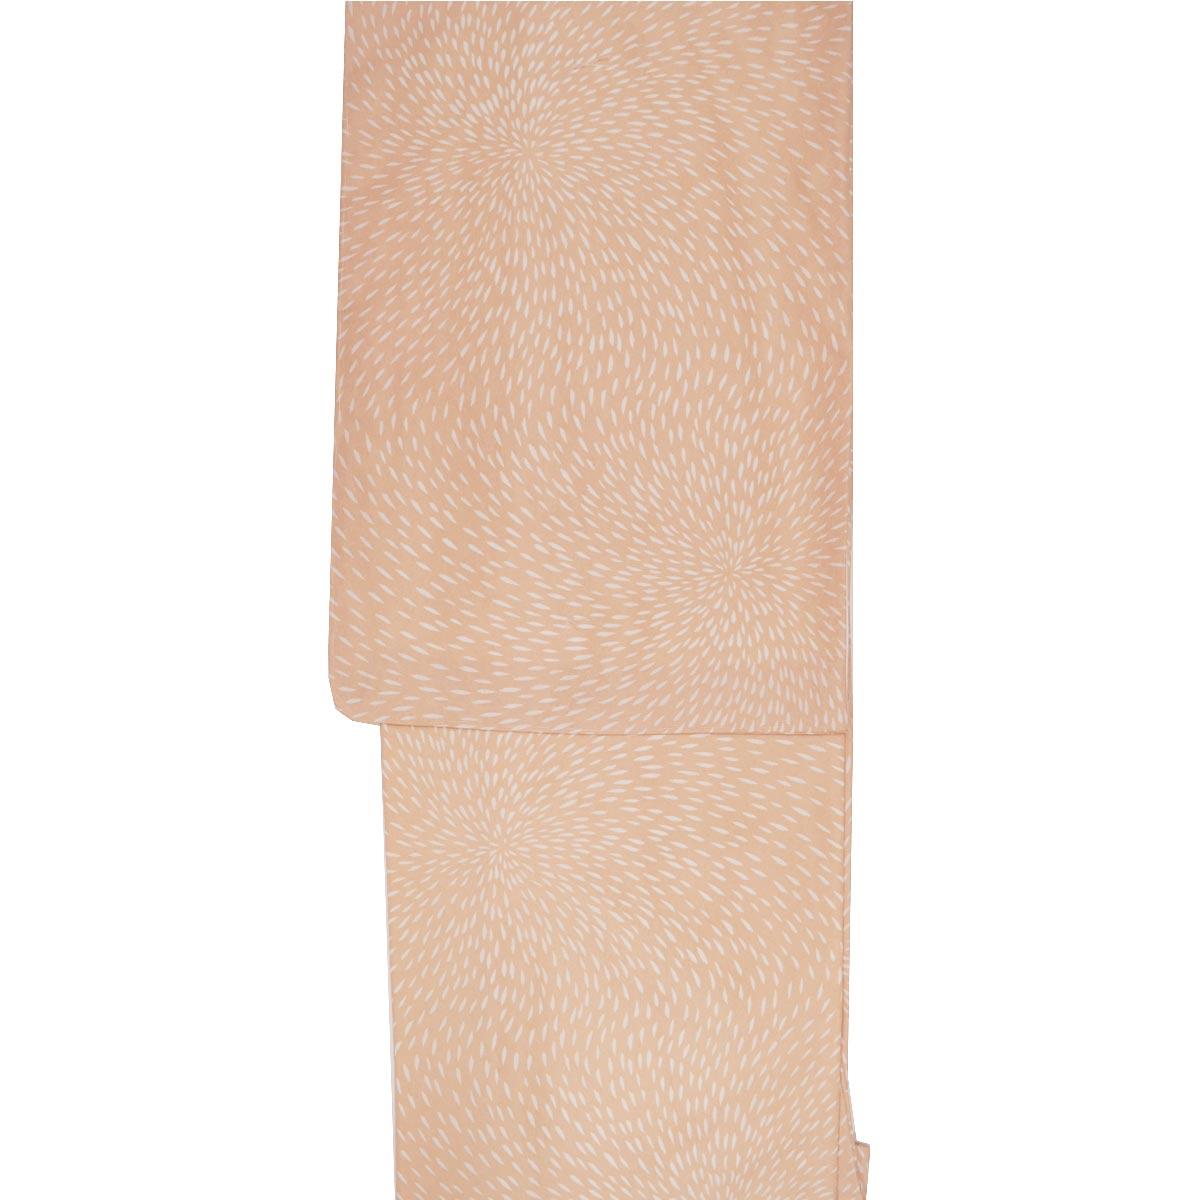 洗える着物 袷 単品【Lサイズ】洗える着物 普段着 小紋 番号f1008-306